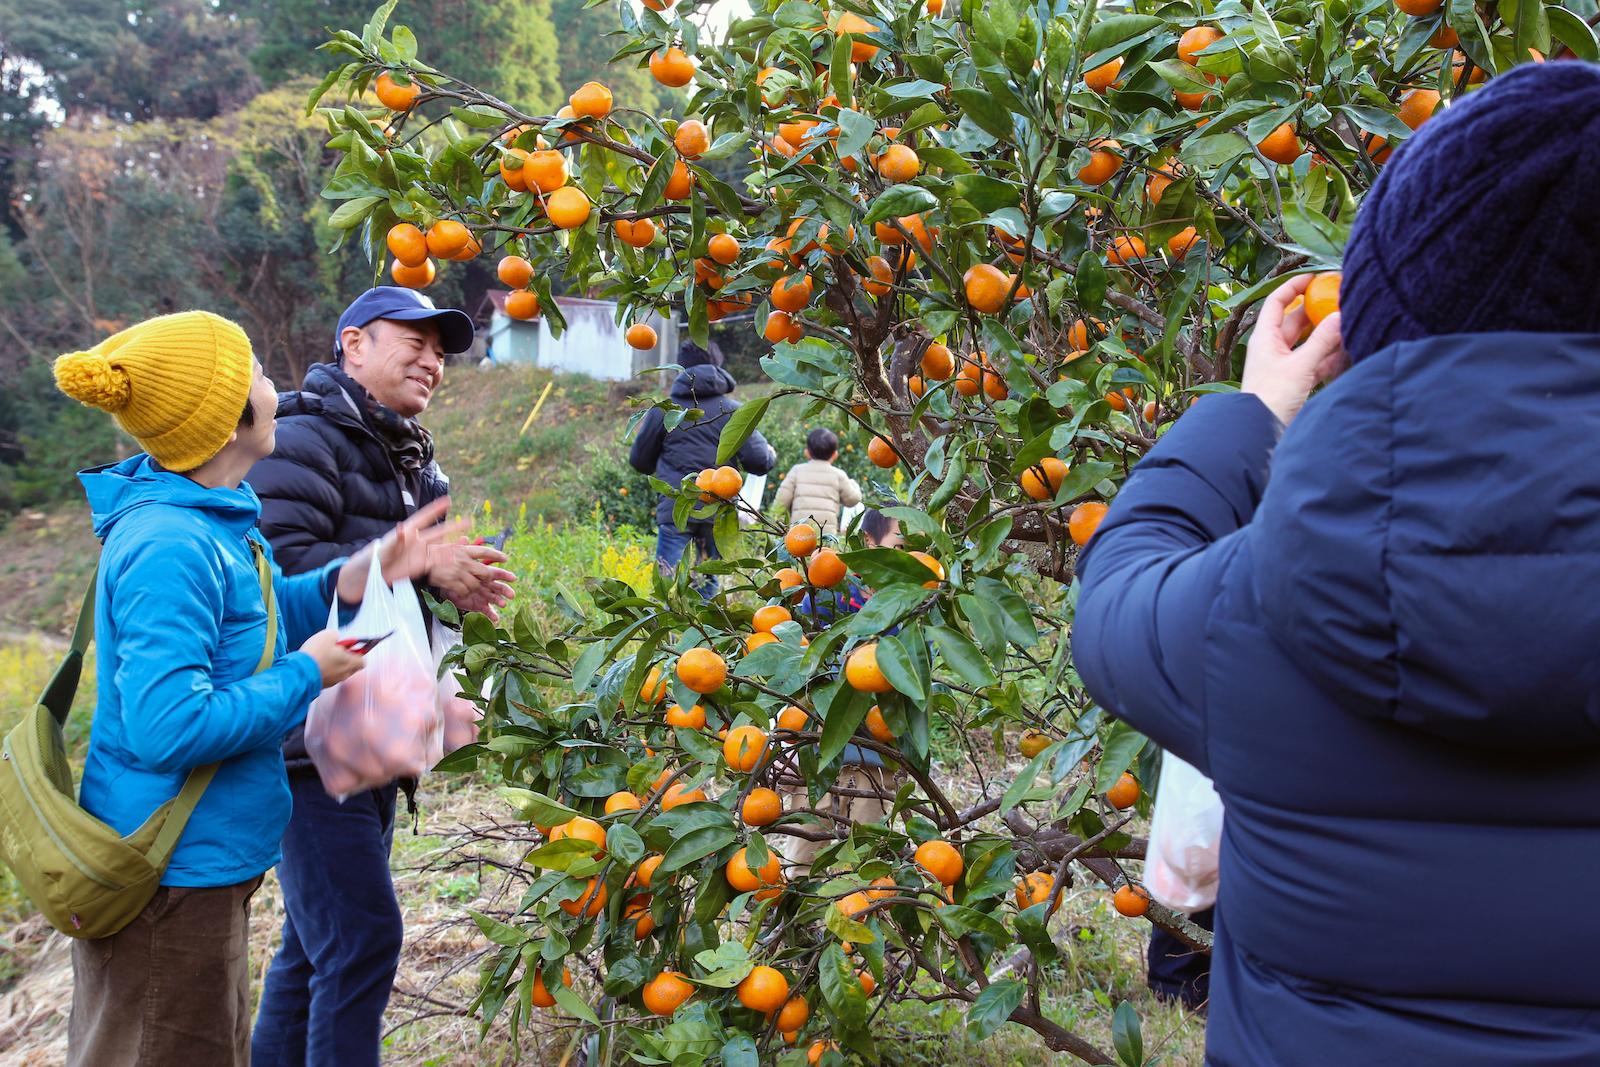 お土産は自身で摘んだ野性味あふれる温州みかん。豊かな里山の実り